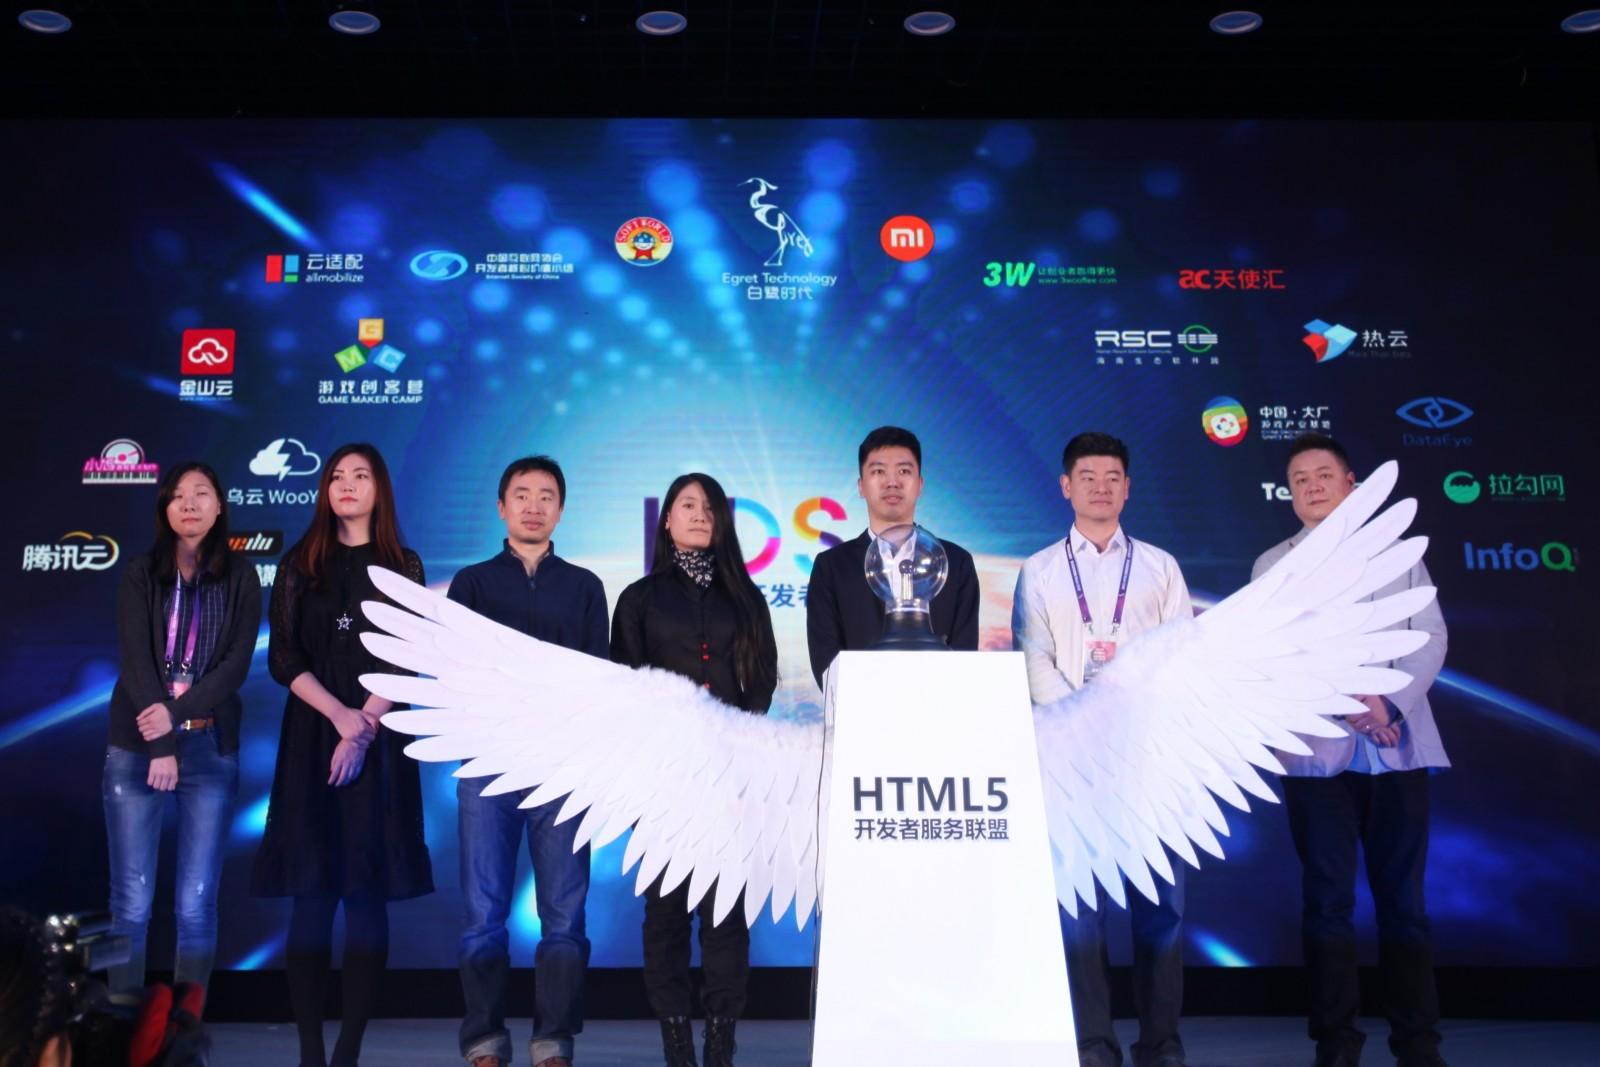 智冠科技引進HTML5白鷺開放平台來台